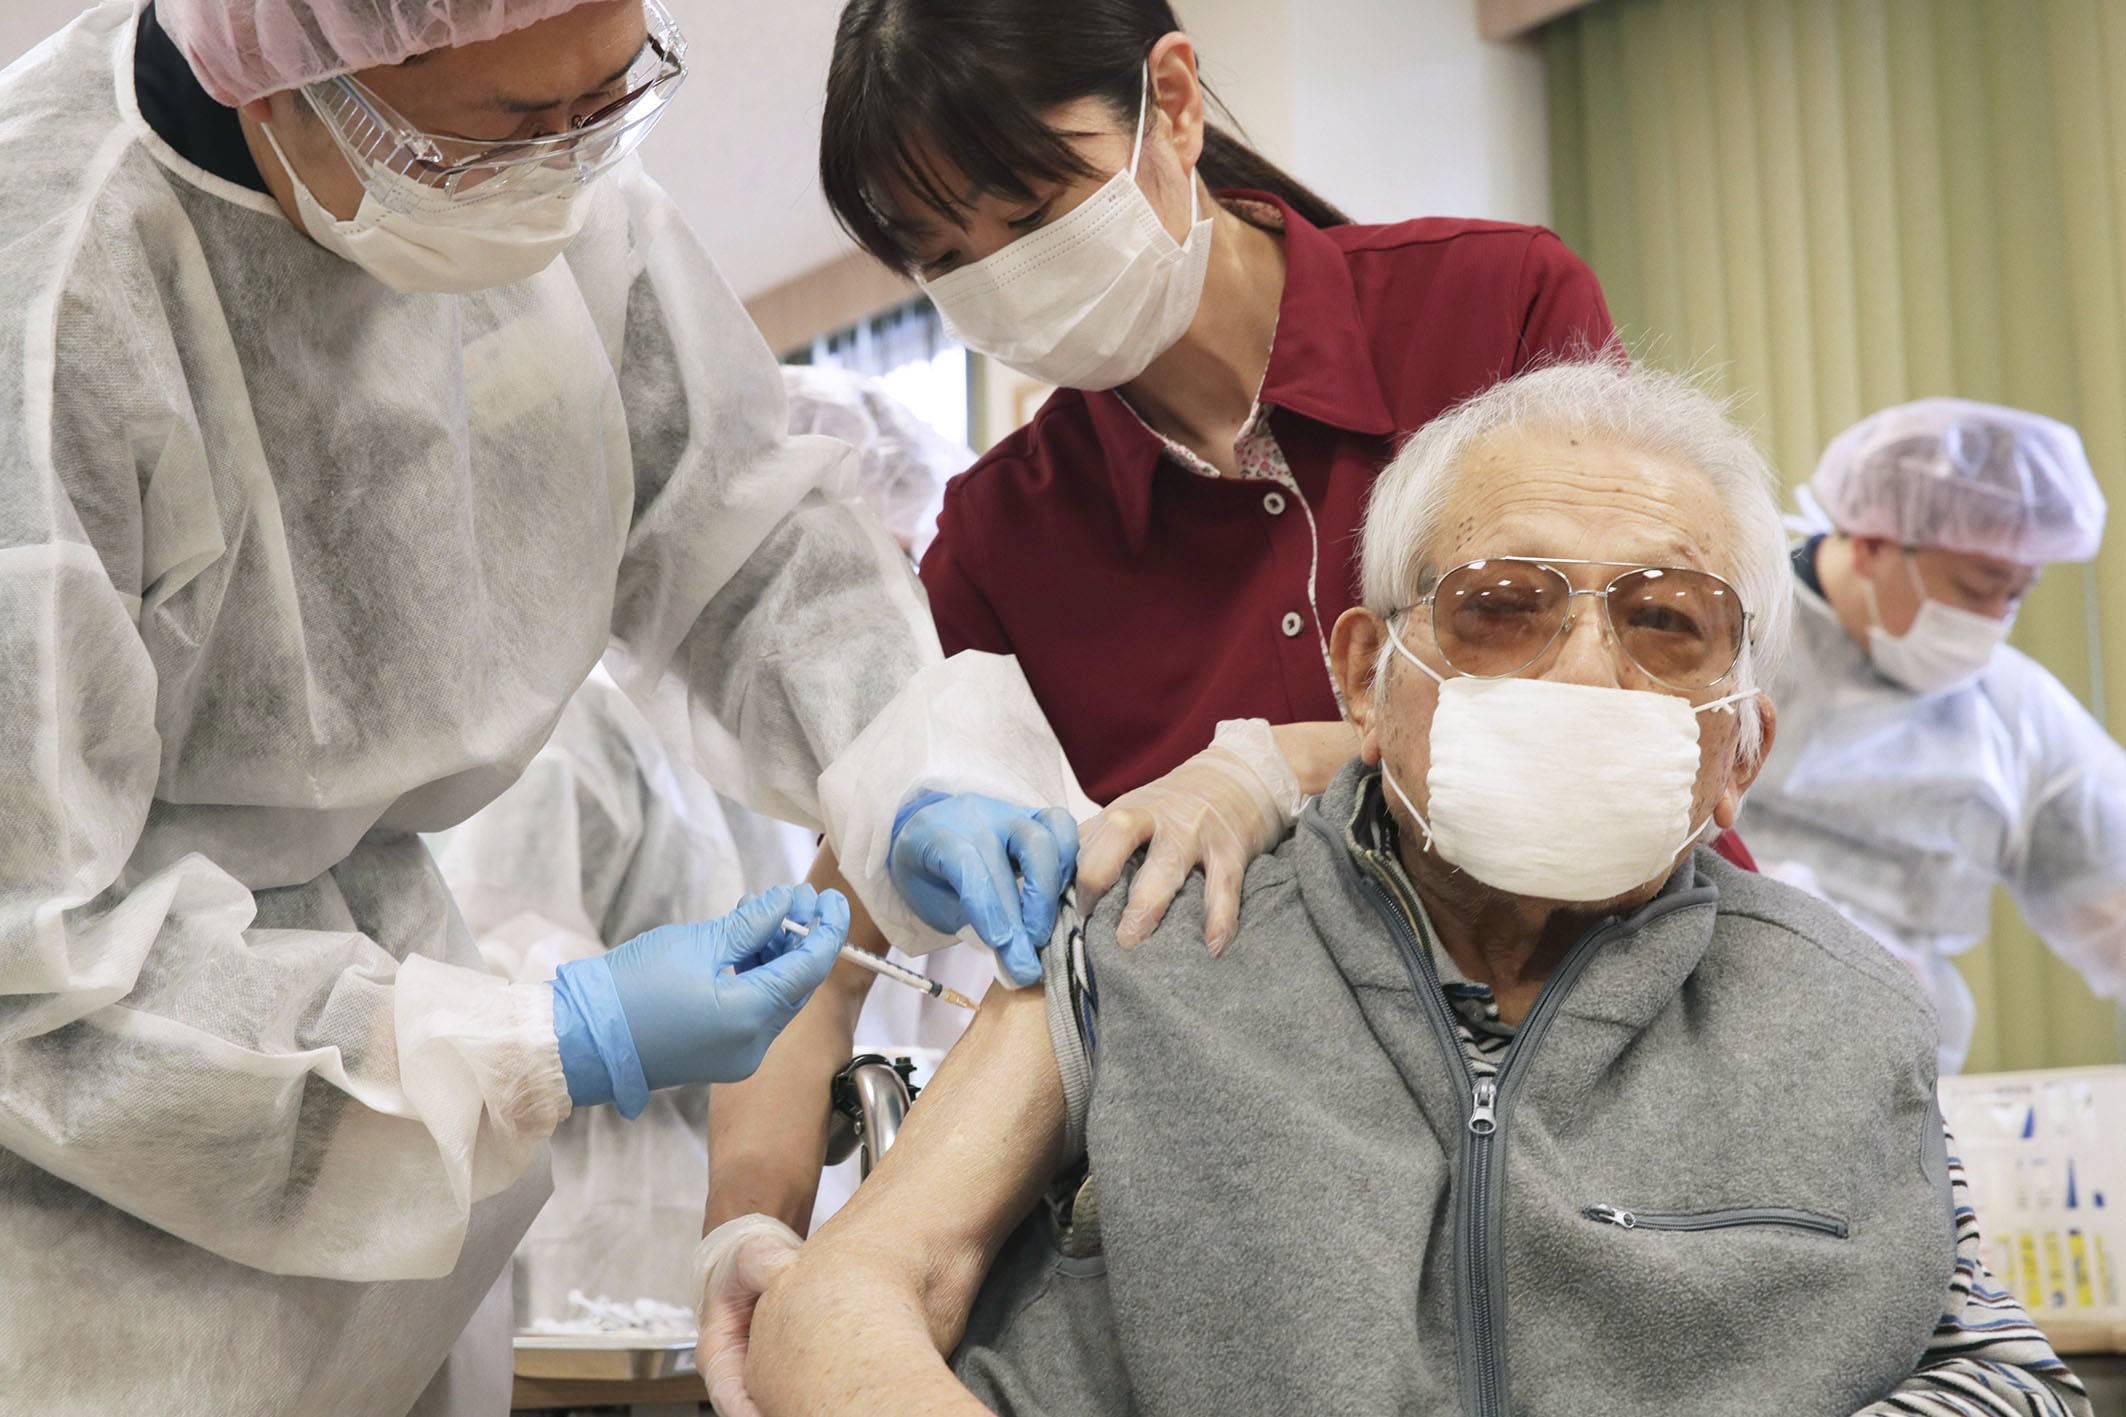 Muž dostane vakcínu COVID-19 v ošetřovatelském zařízení v tokijském Setagaya Ward 12. dubna